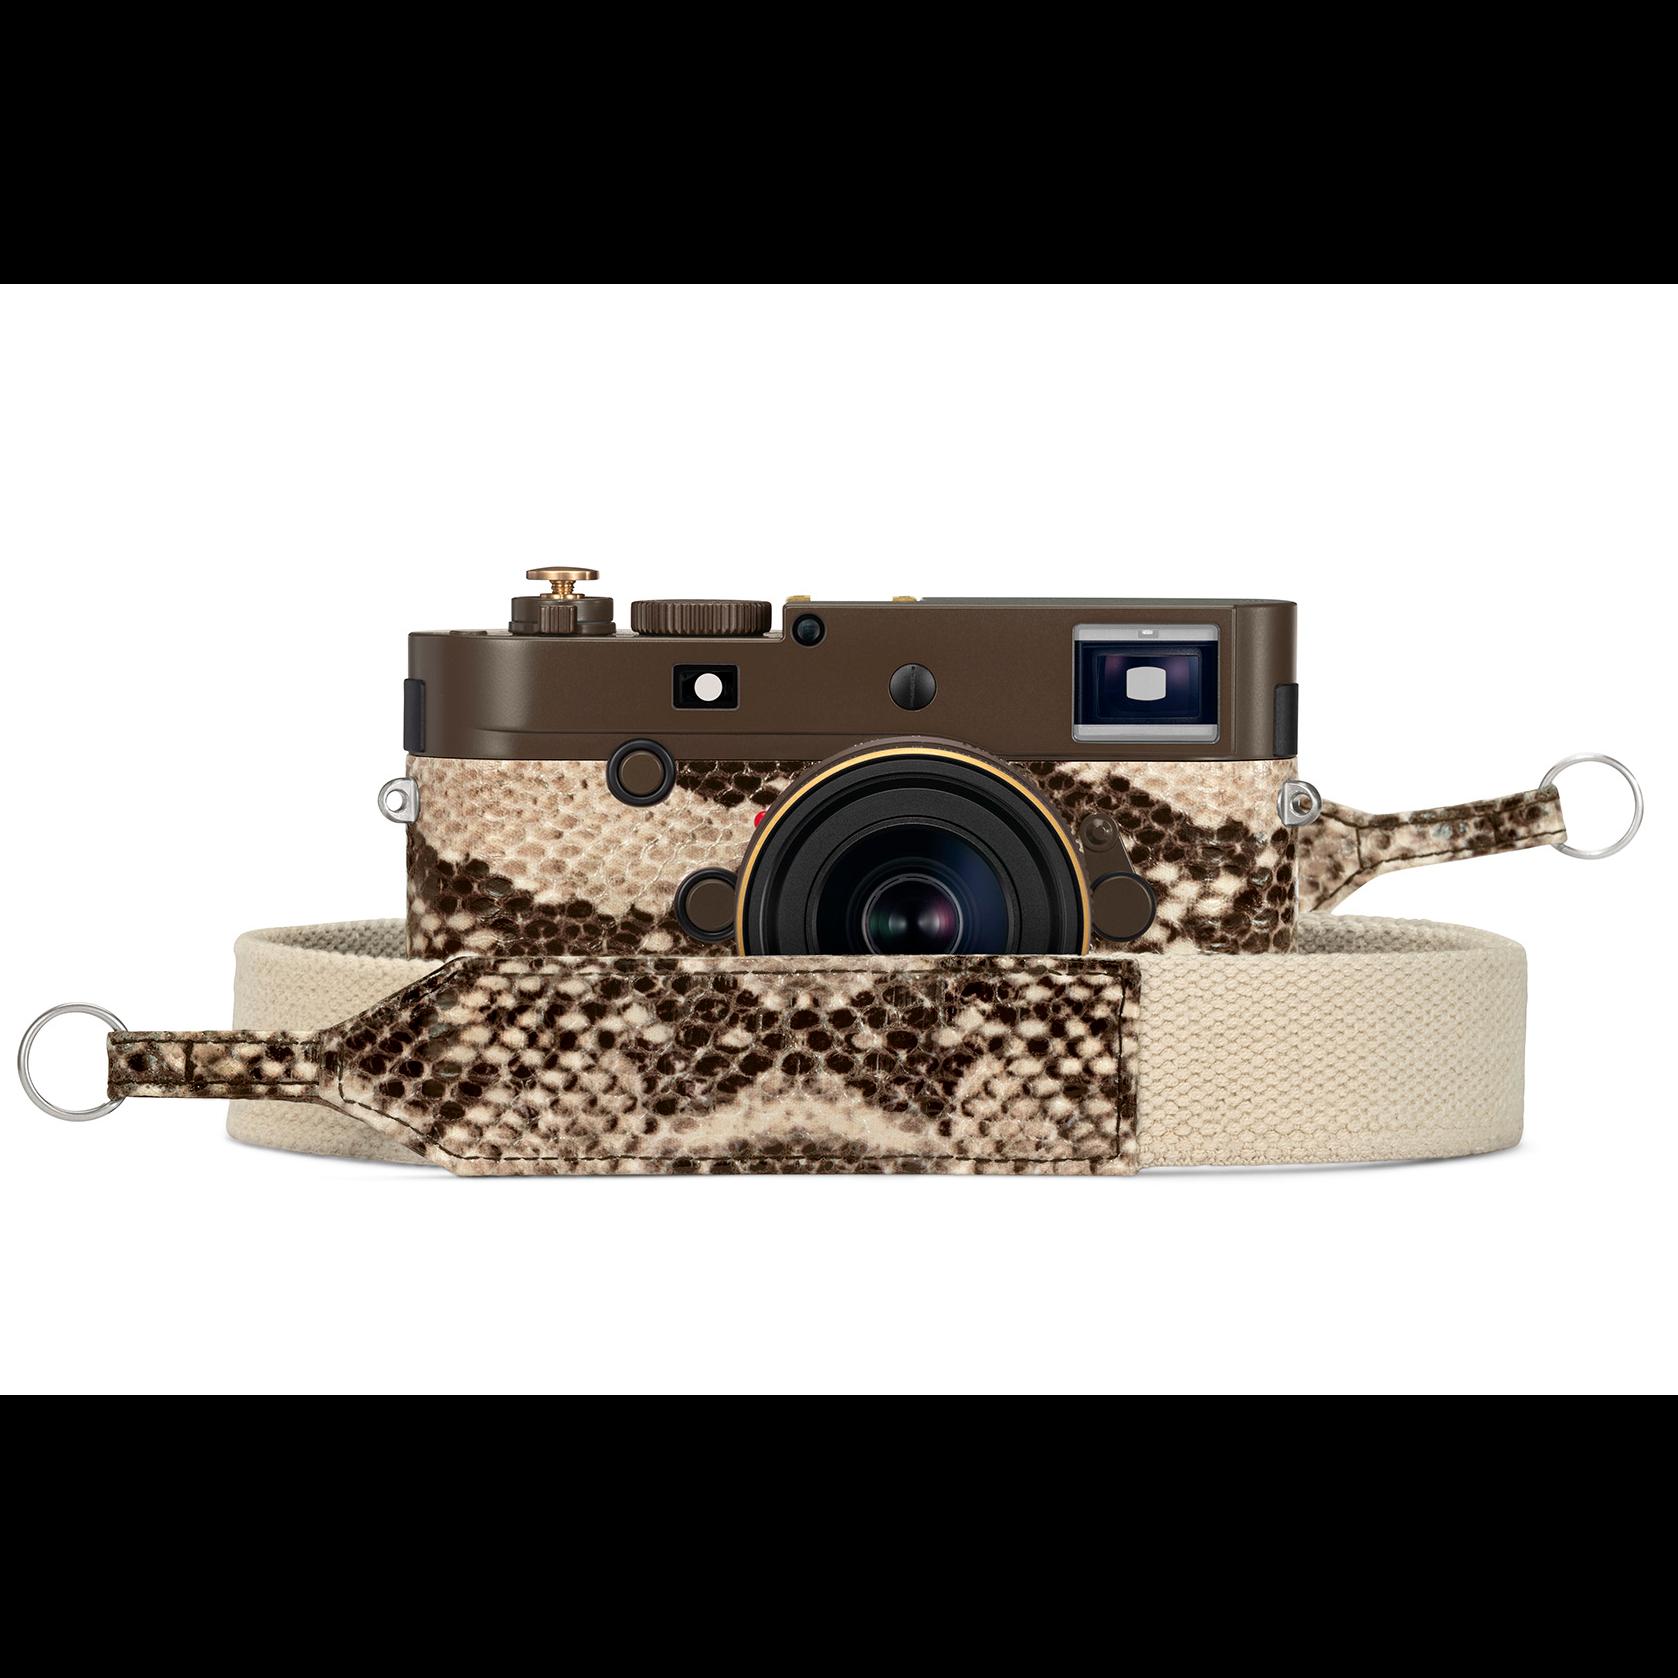 Leica「漂泊者」連鏡頭都棕褐色 蟒蛇紋套裝全球限量發售125套